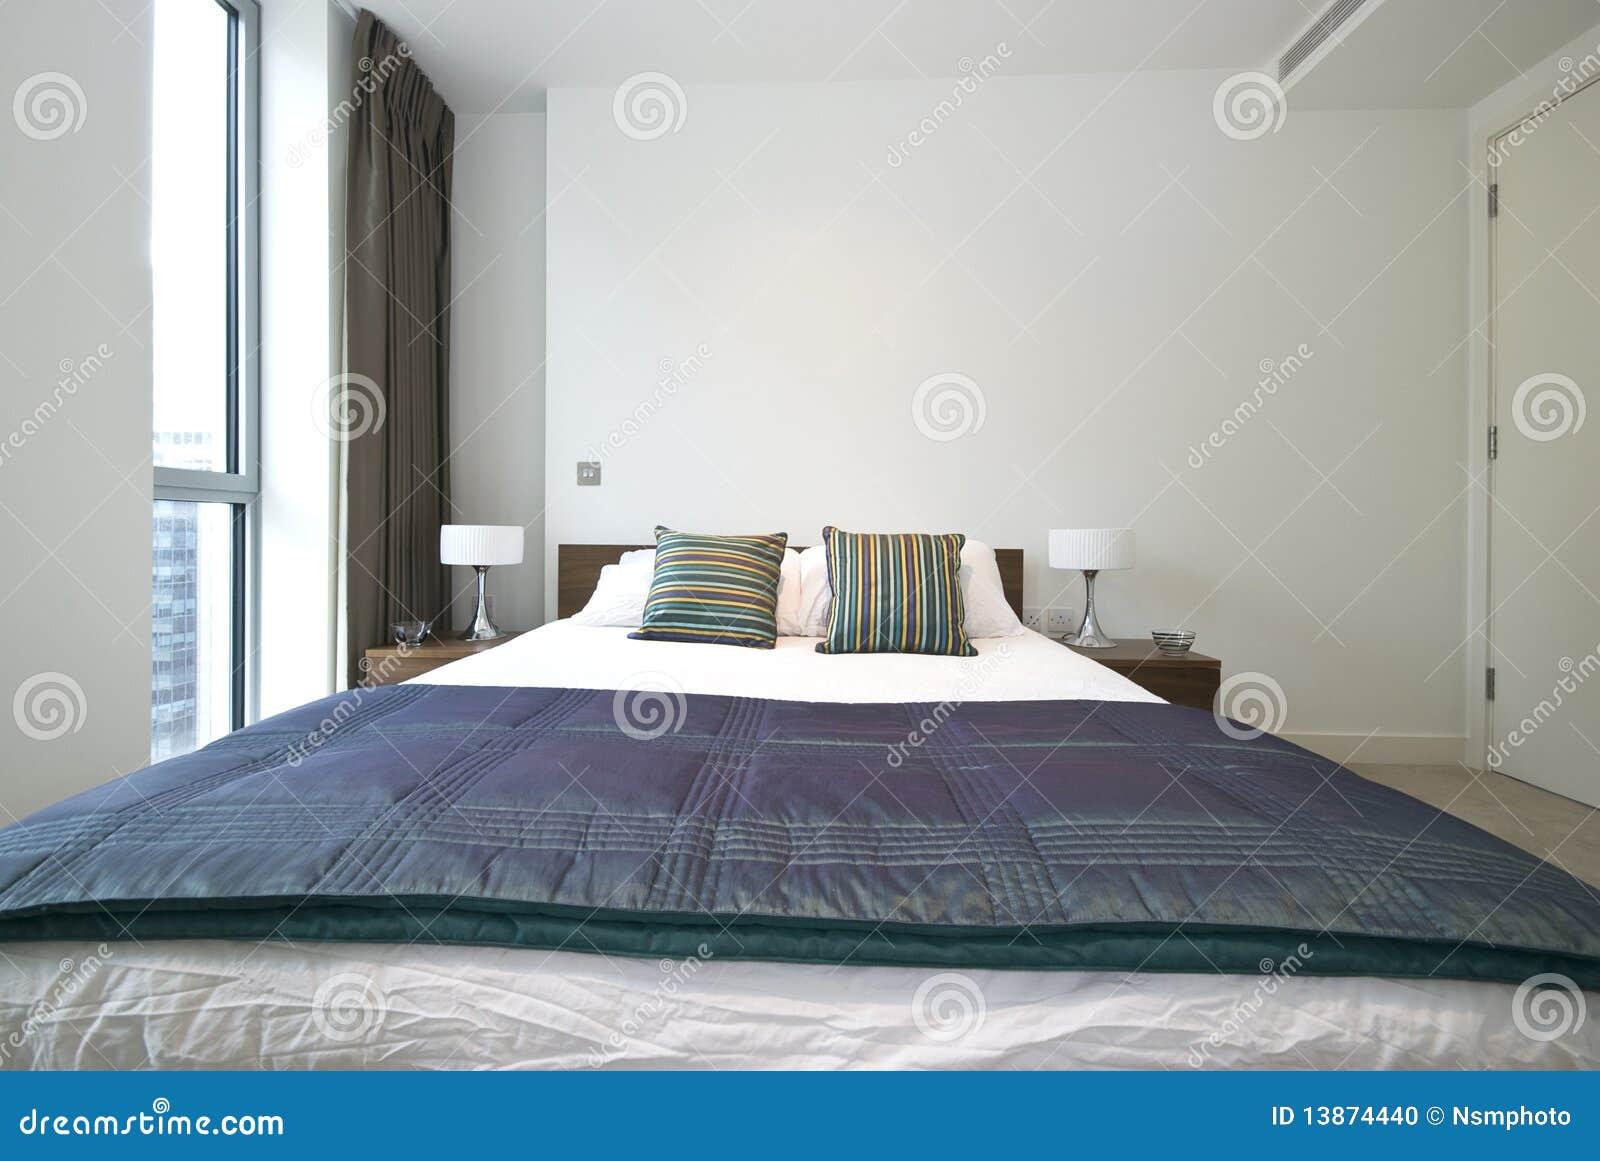 Particolare di una camera da letto moderna lussuosa fotografia stock immagine di contemporaneo - Lumi camera da letto moderna ...